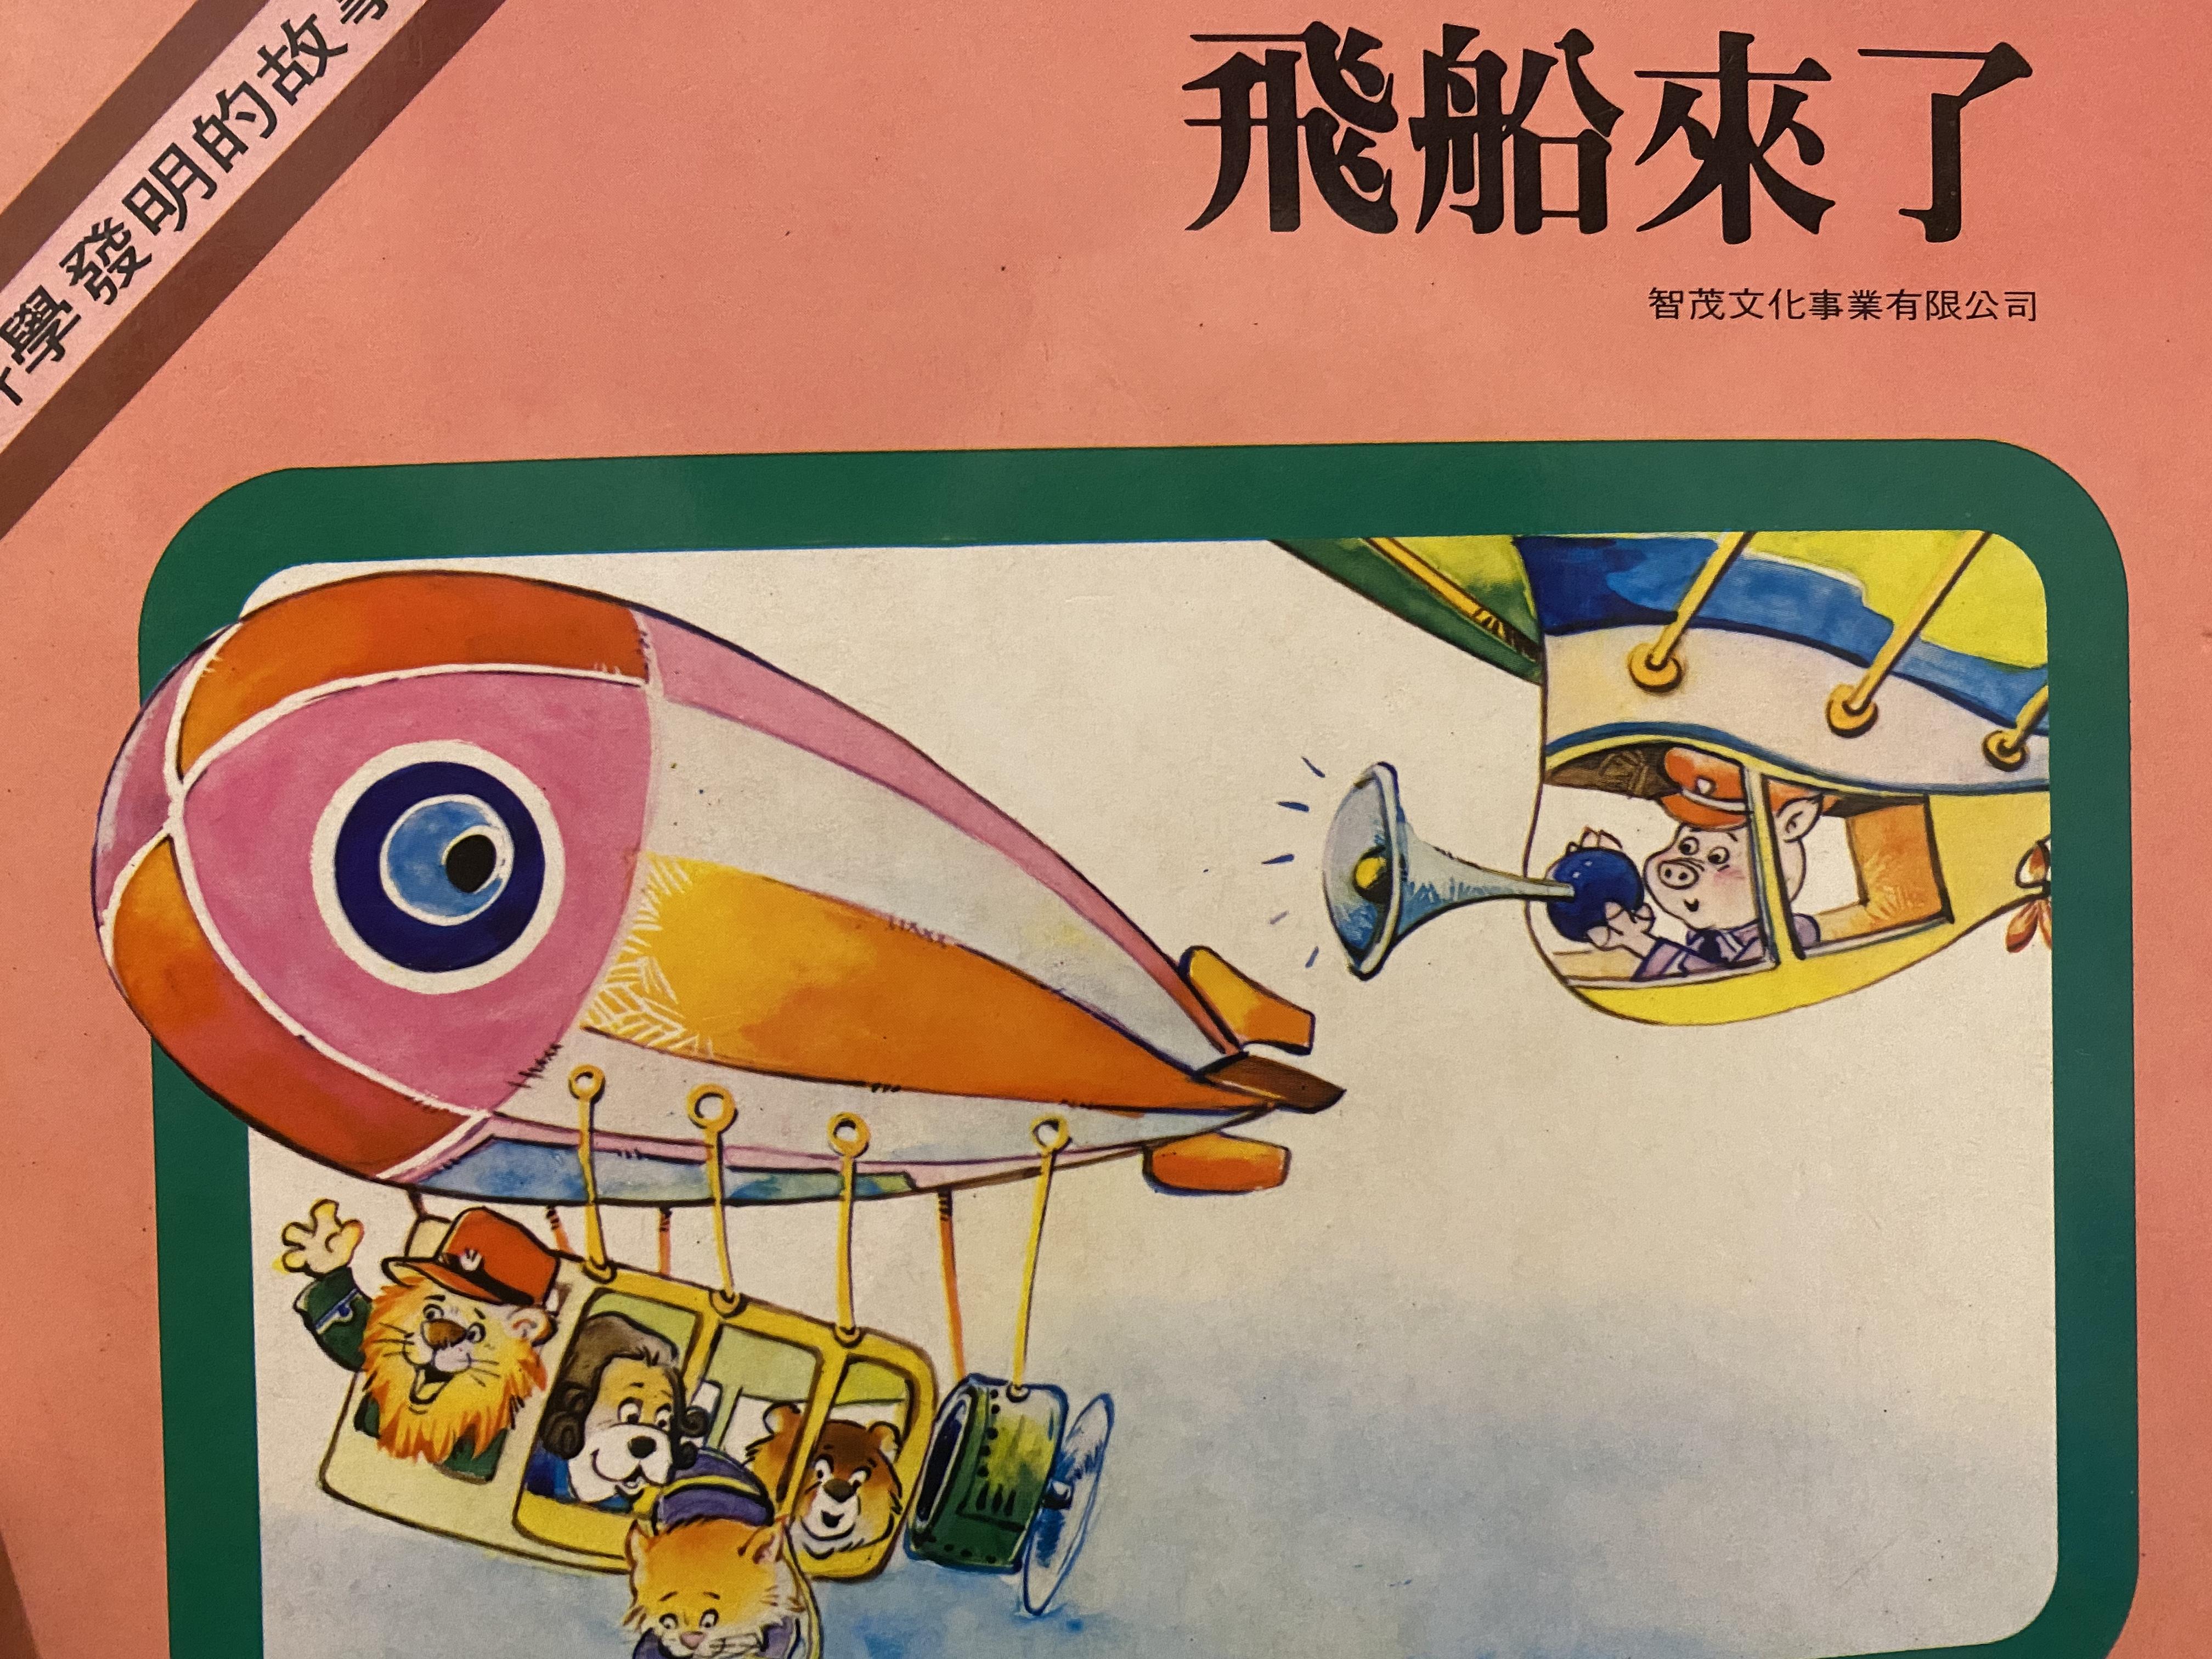 科學發明的故事/飛船來了/ 智茂文化